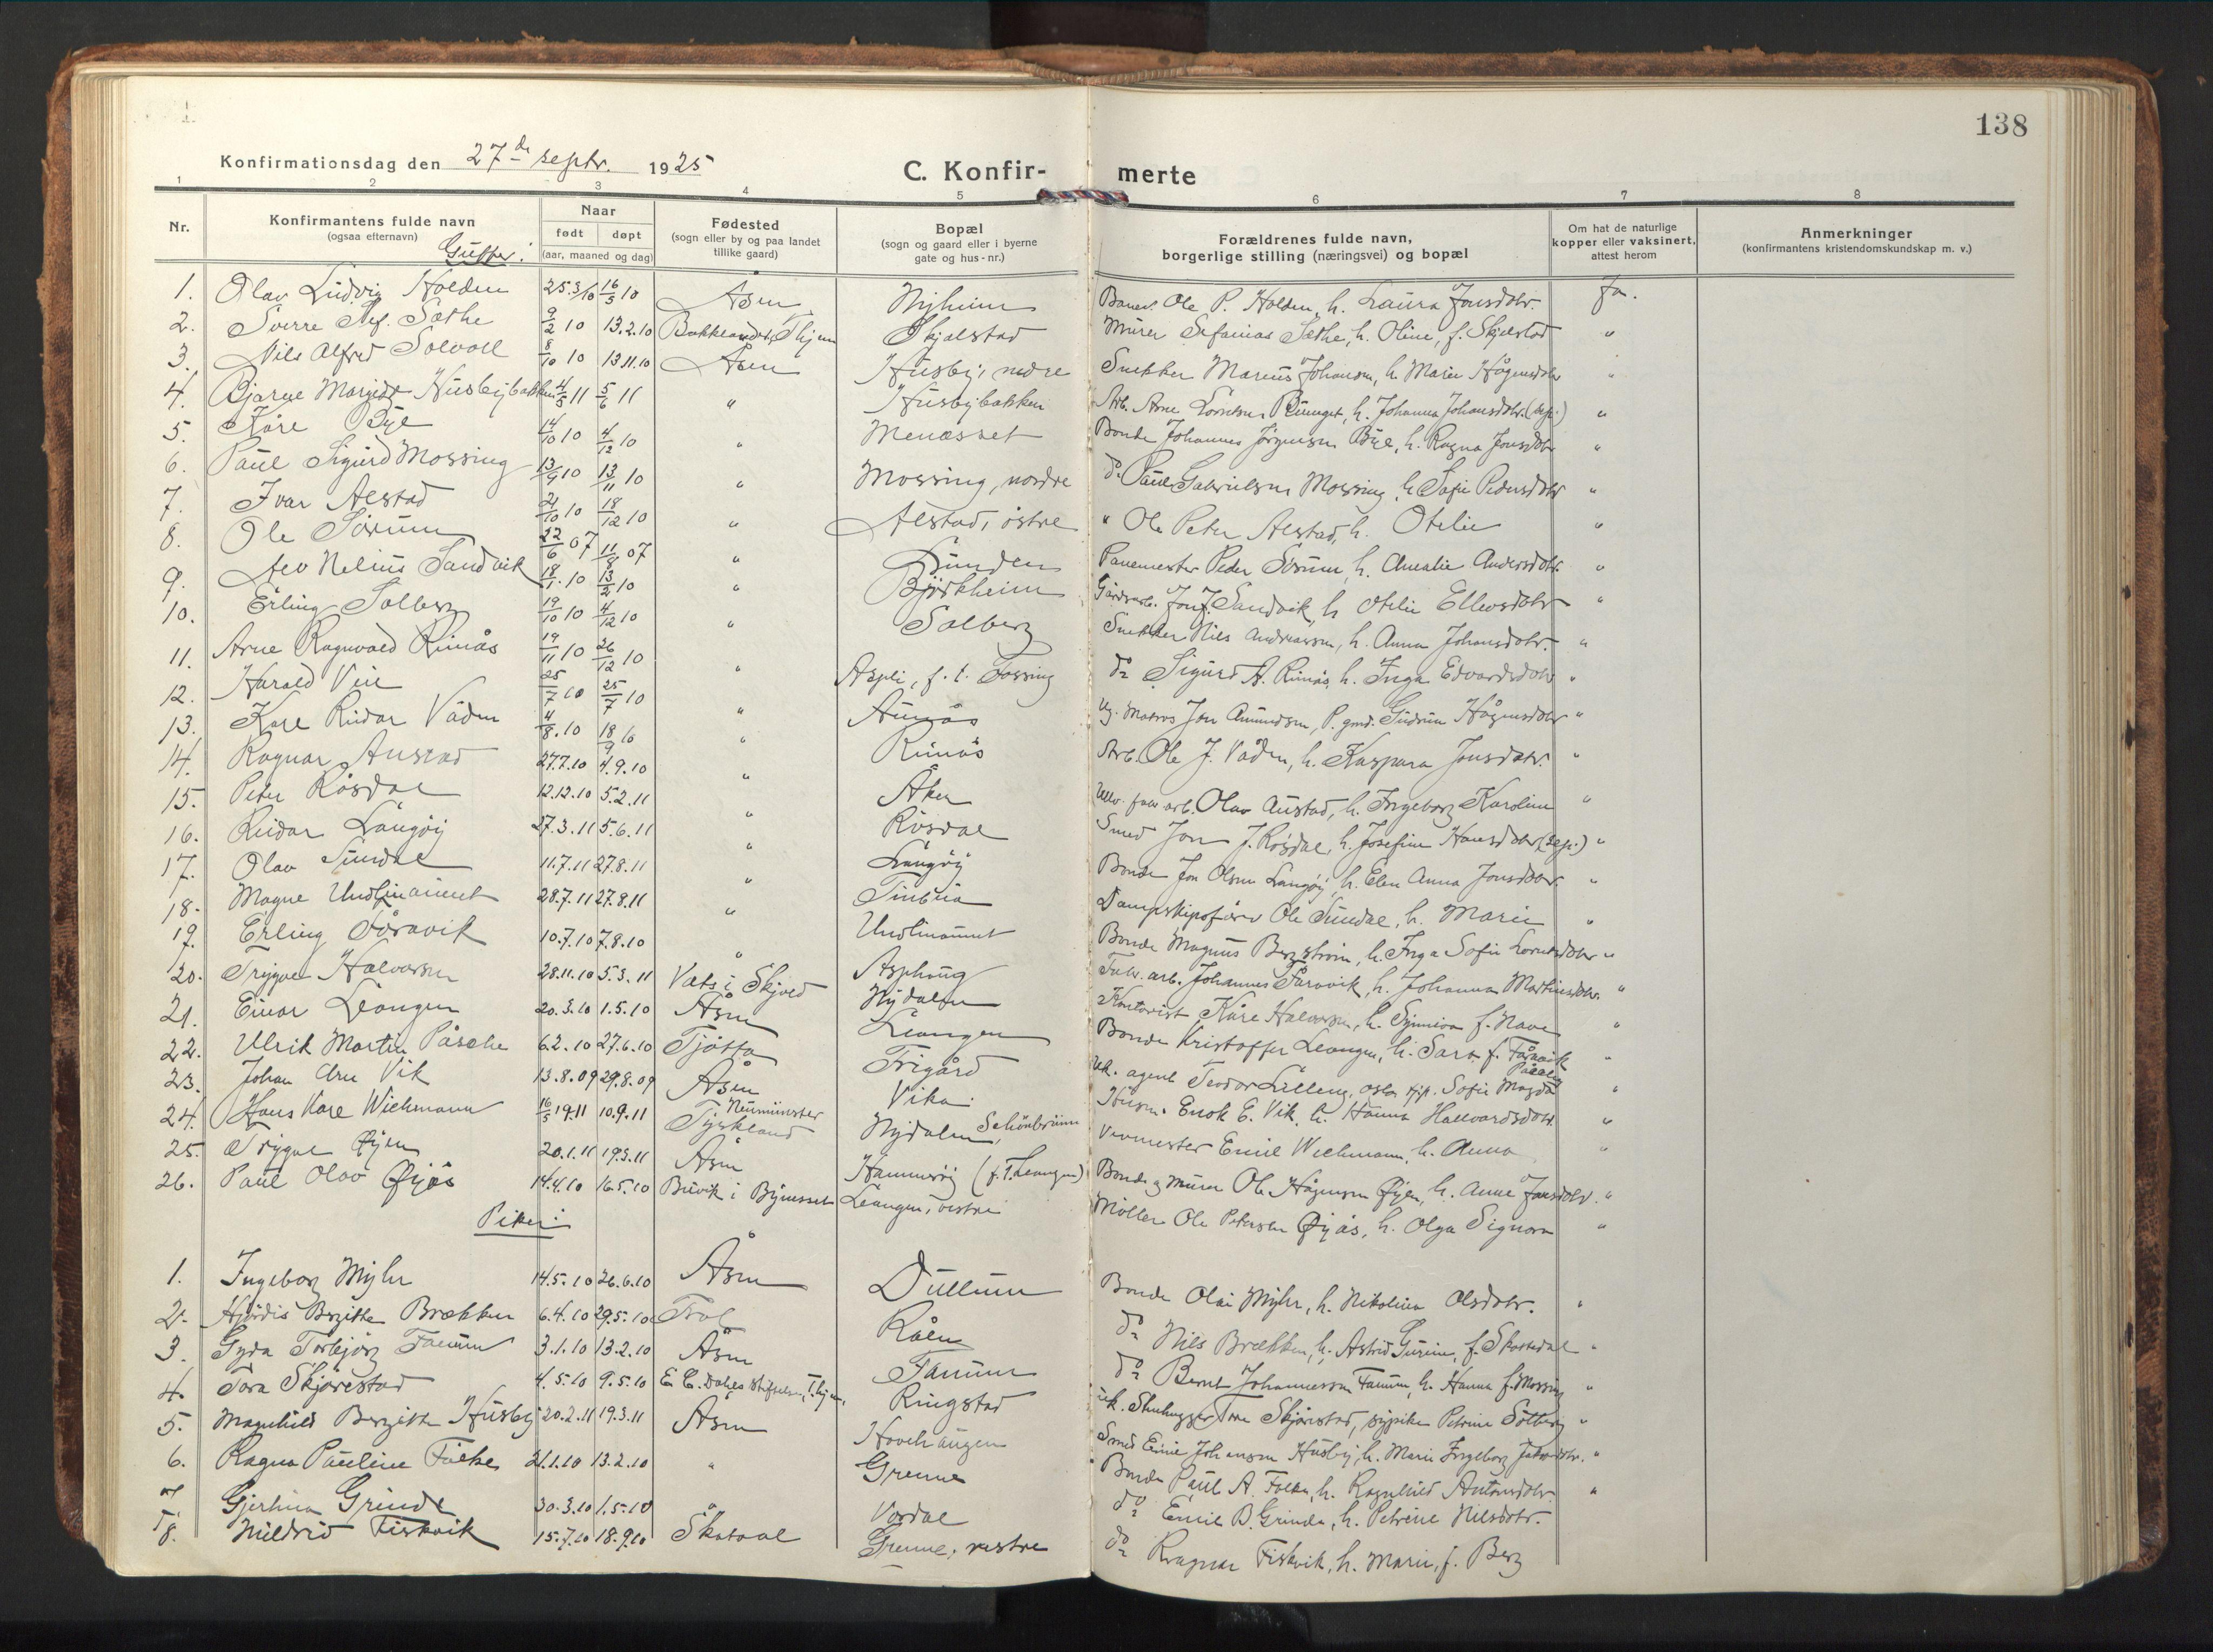 SAT, Ministerialprotokoller, klokkerbøker og fødselsregistre - Nord-Trøndelag, 714/L0136: Klokkerbok nr. 714C05, 1918-1957, s. 138